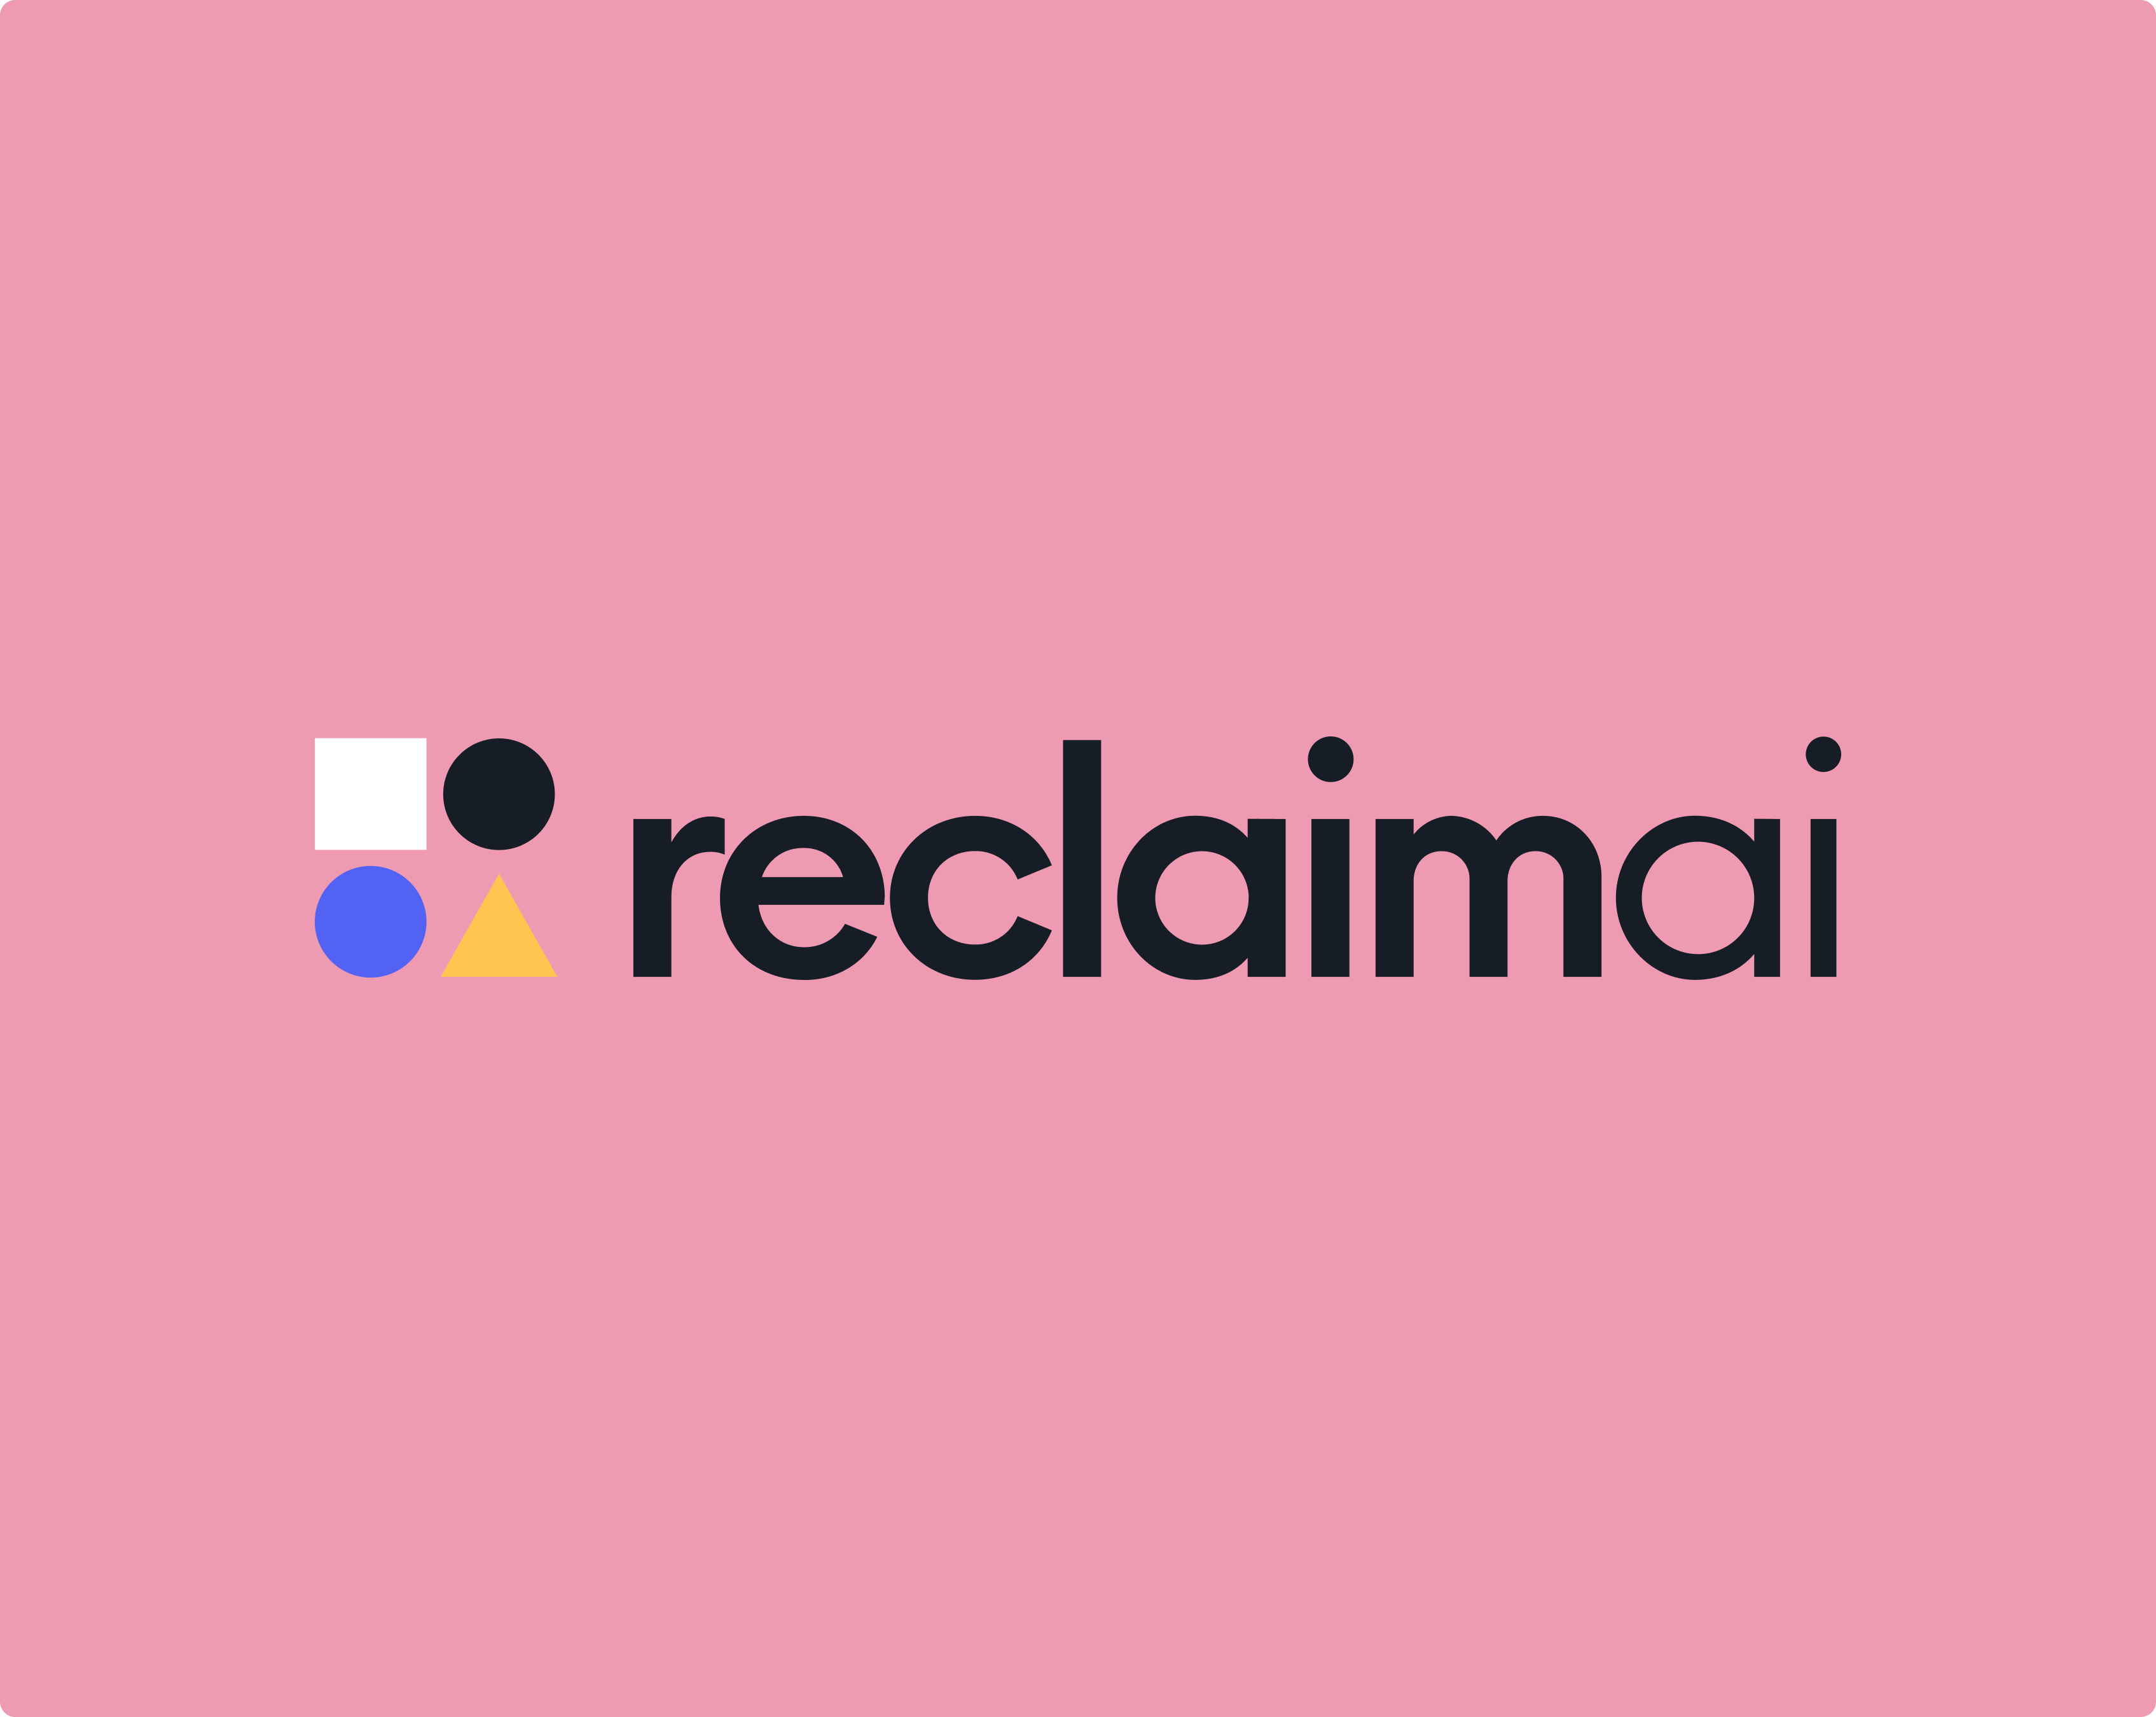 Reclaim just raised $4.8M in seed funding! 🎉